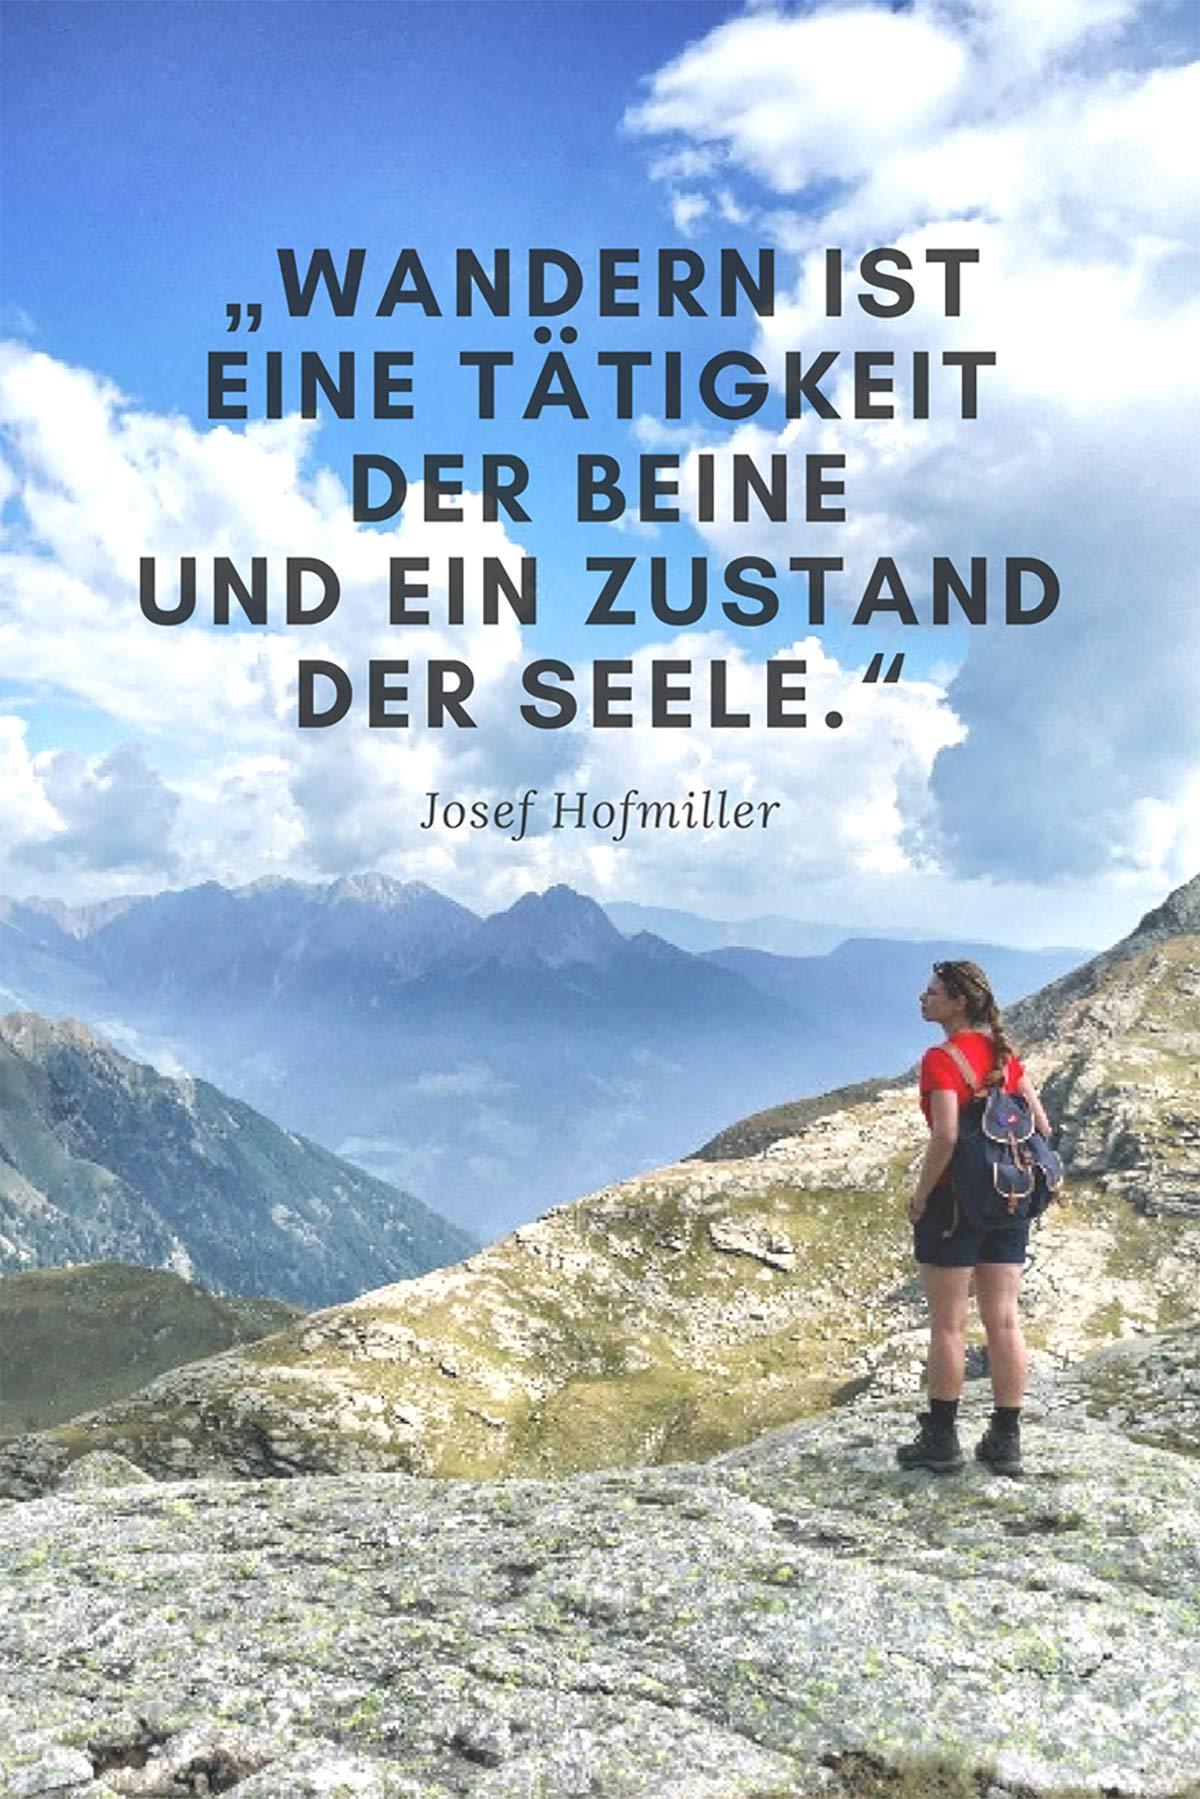 Wandern ist eine Tätigkeit der Beine und ein Zustand der Seele. – Josef Hofmiller